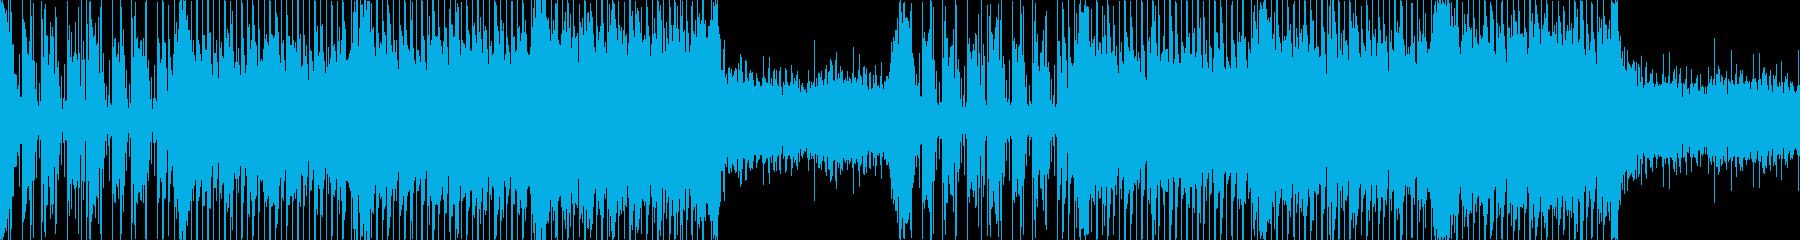 【ループ】エレクトロ、近未来、BGMの再生済みの波形